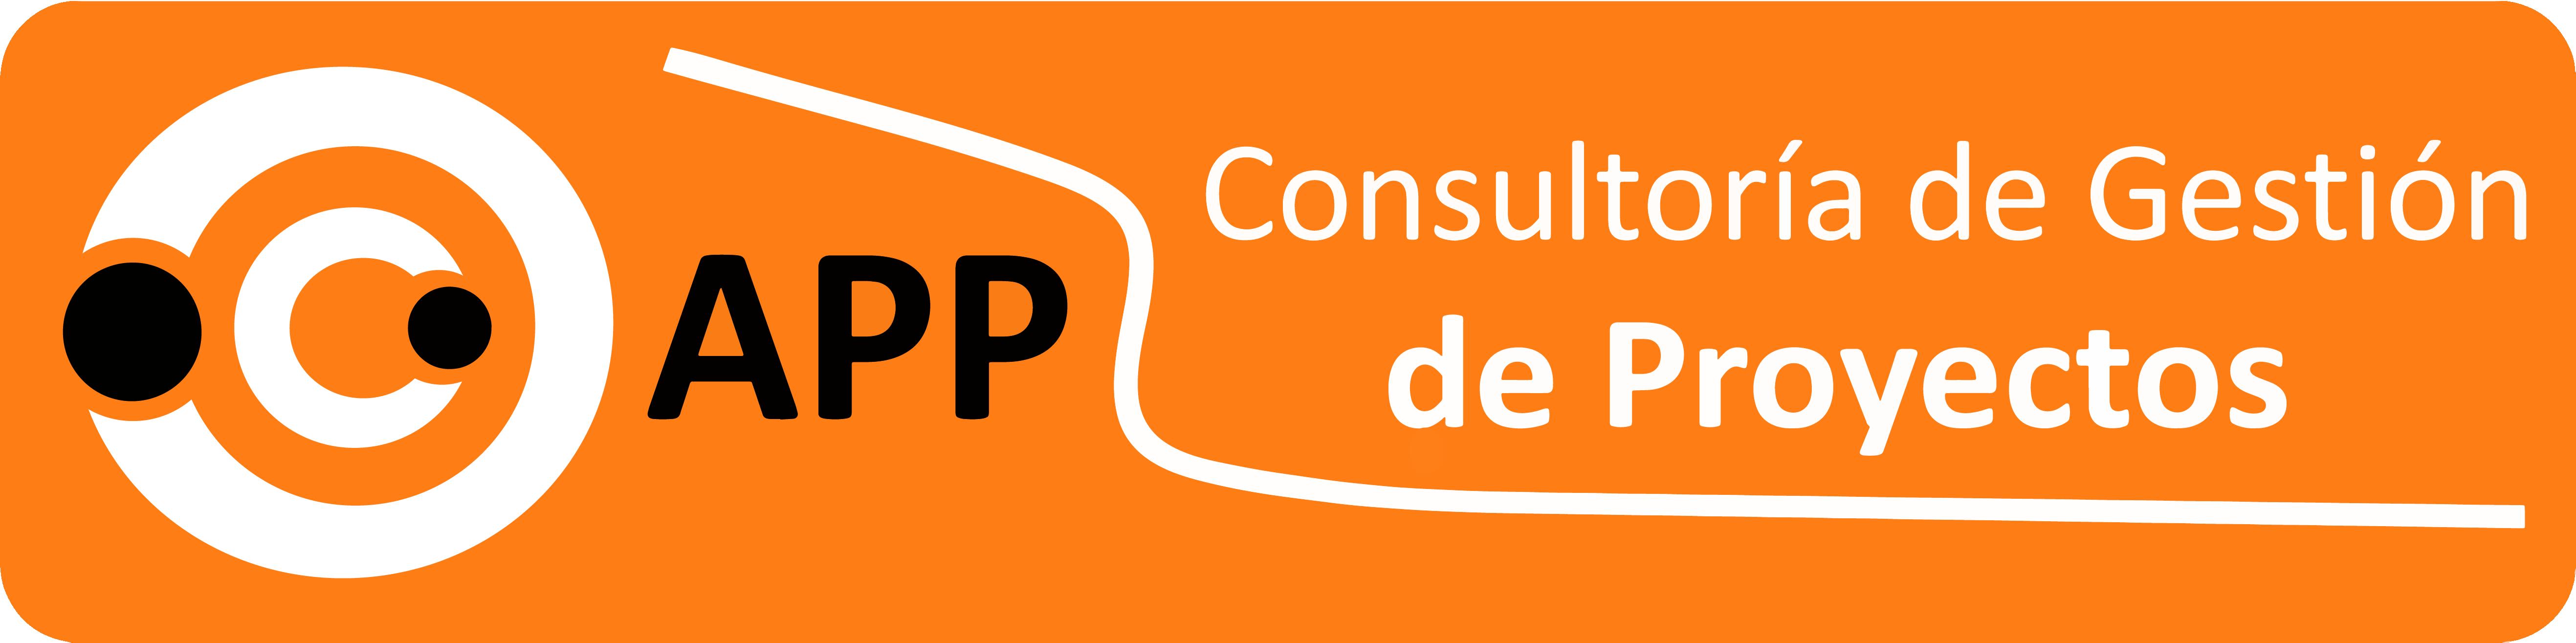 APP Consultoría